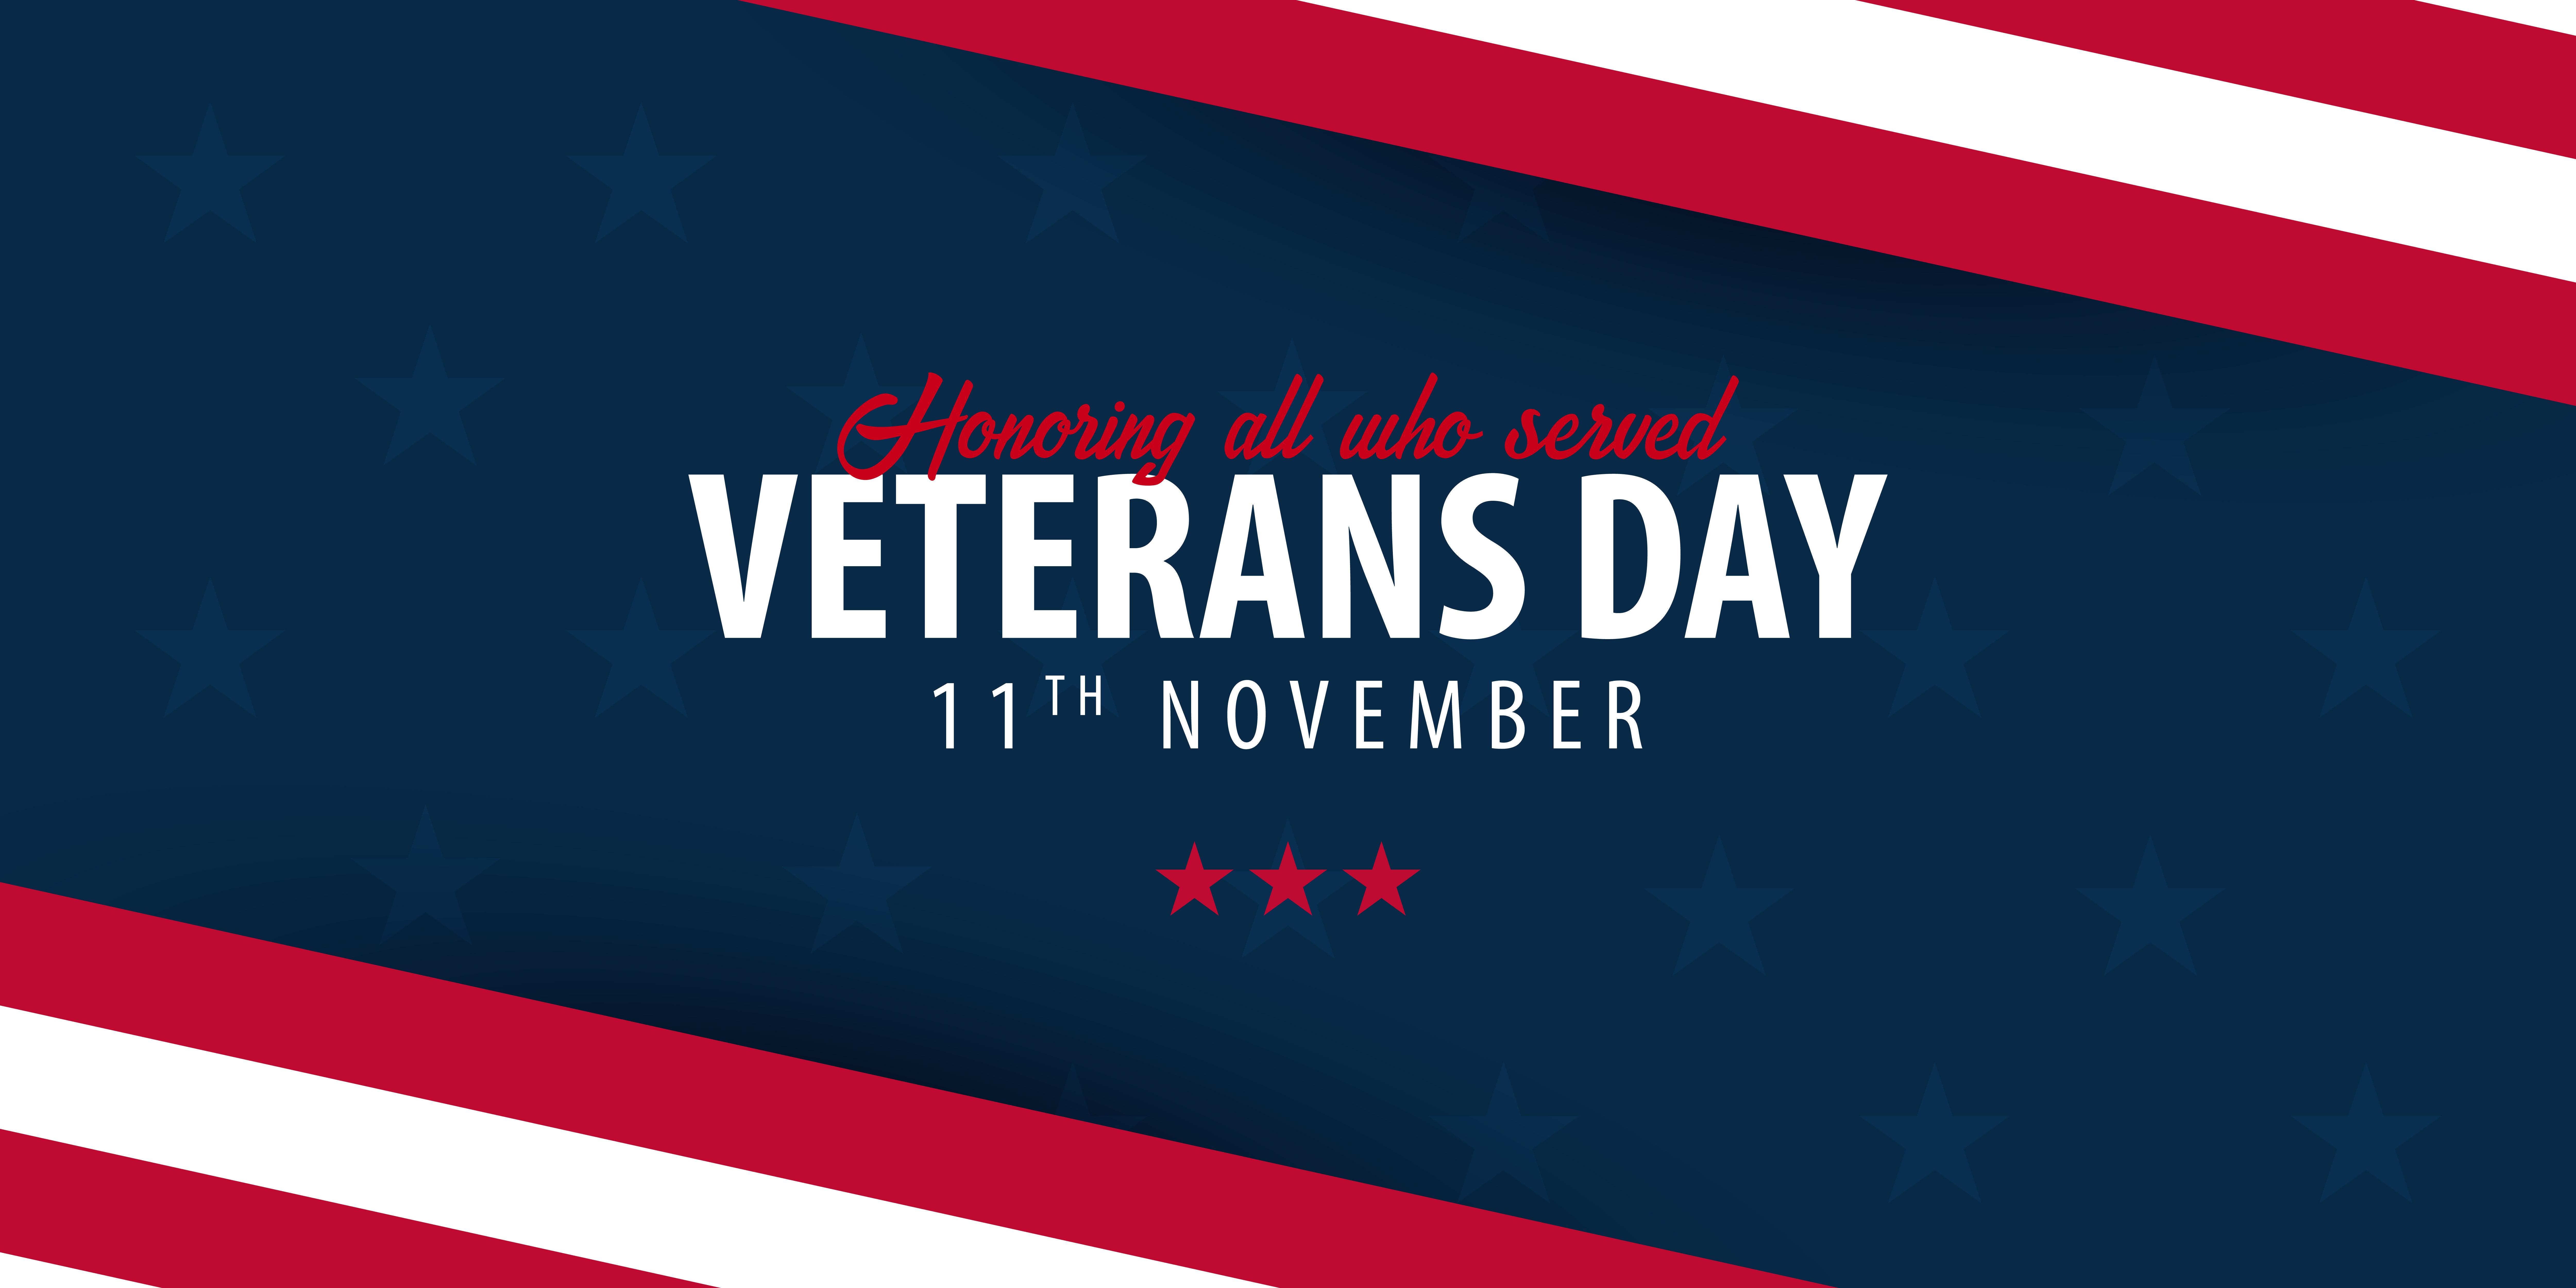 5-thing-veterans-day-haultail